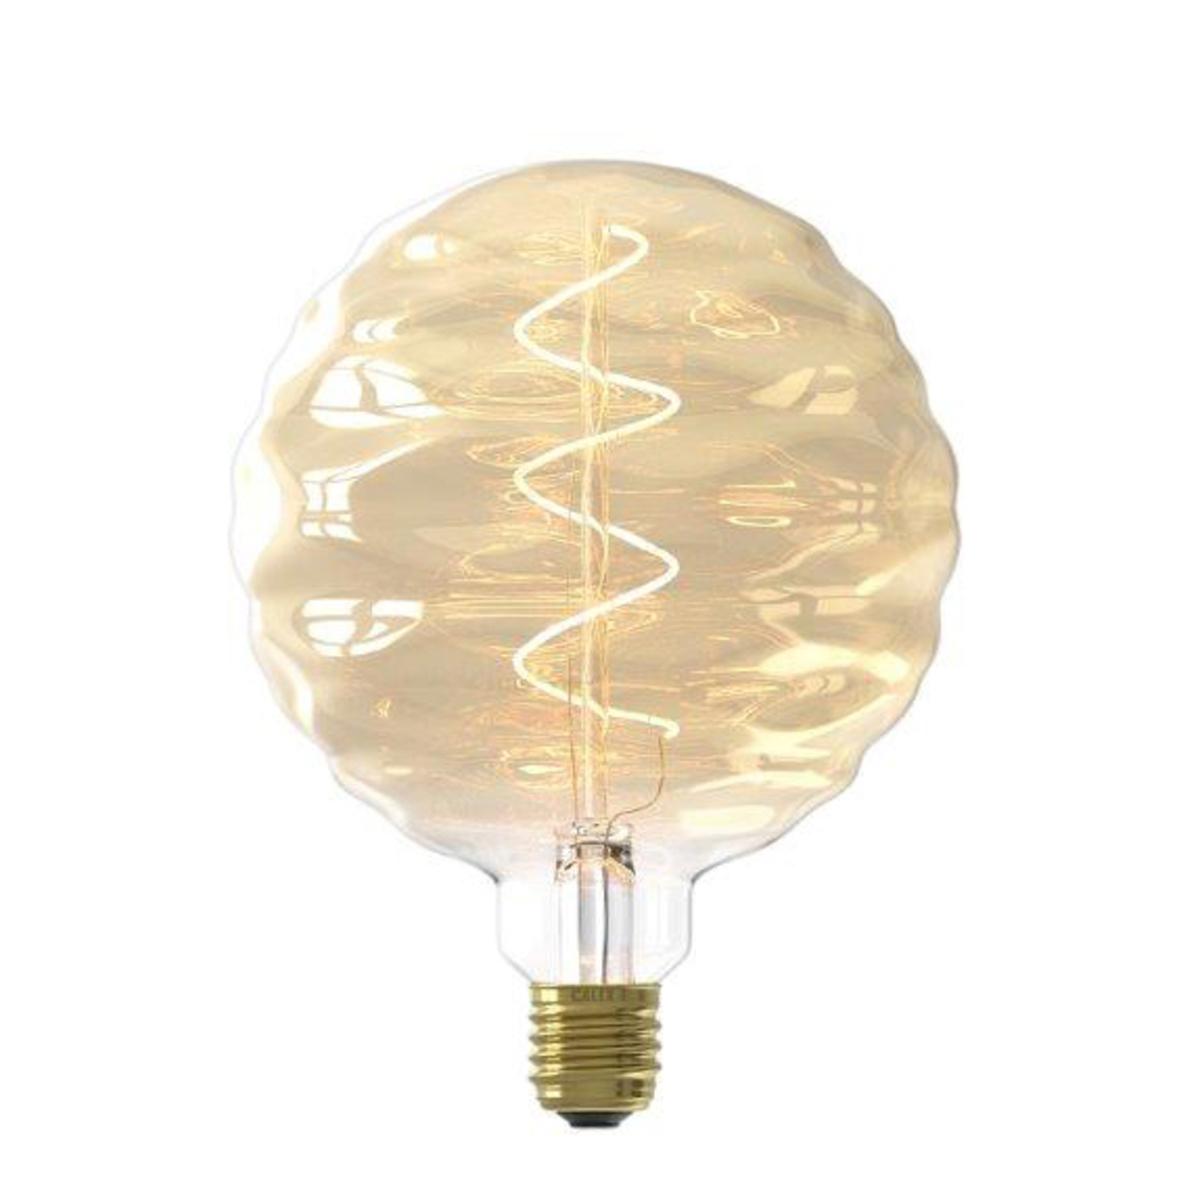 Ampoule filament décorative en verre doré